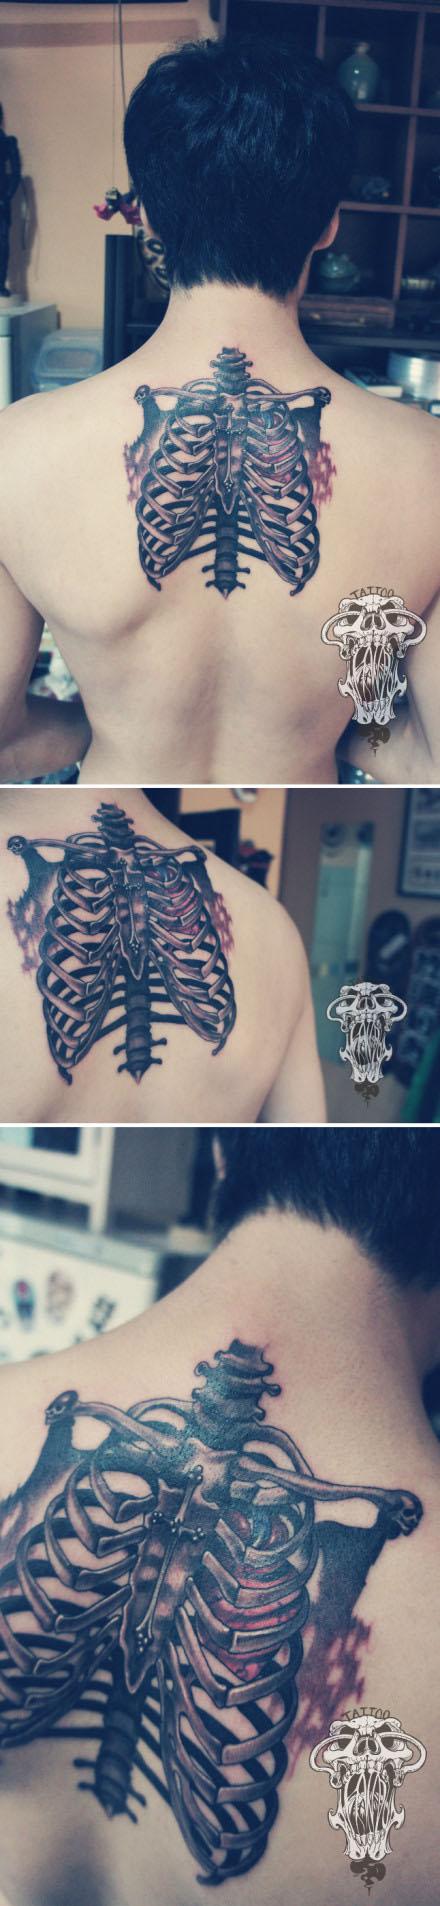 骨头手背纹身图案大全展示